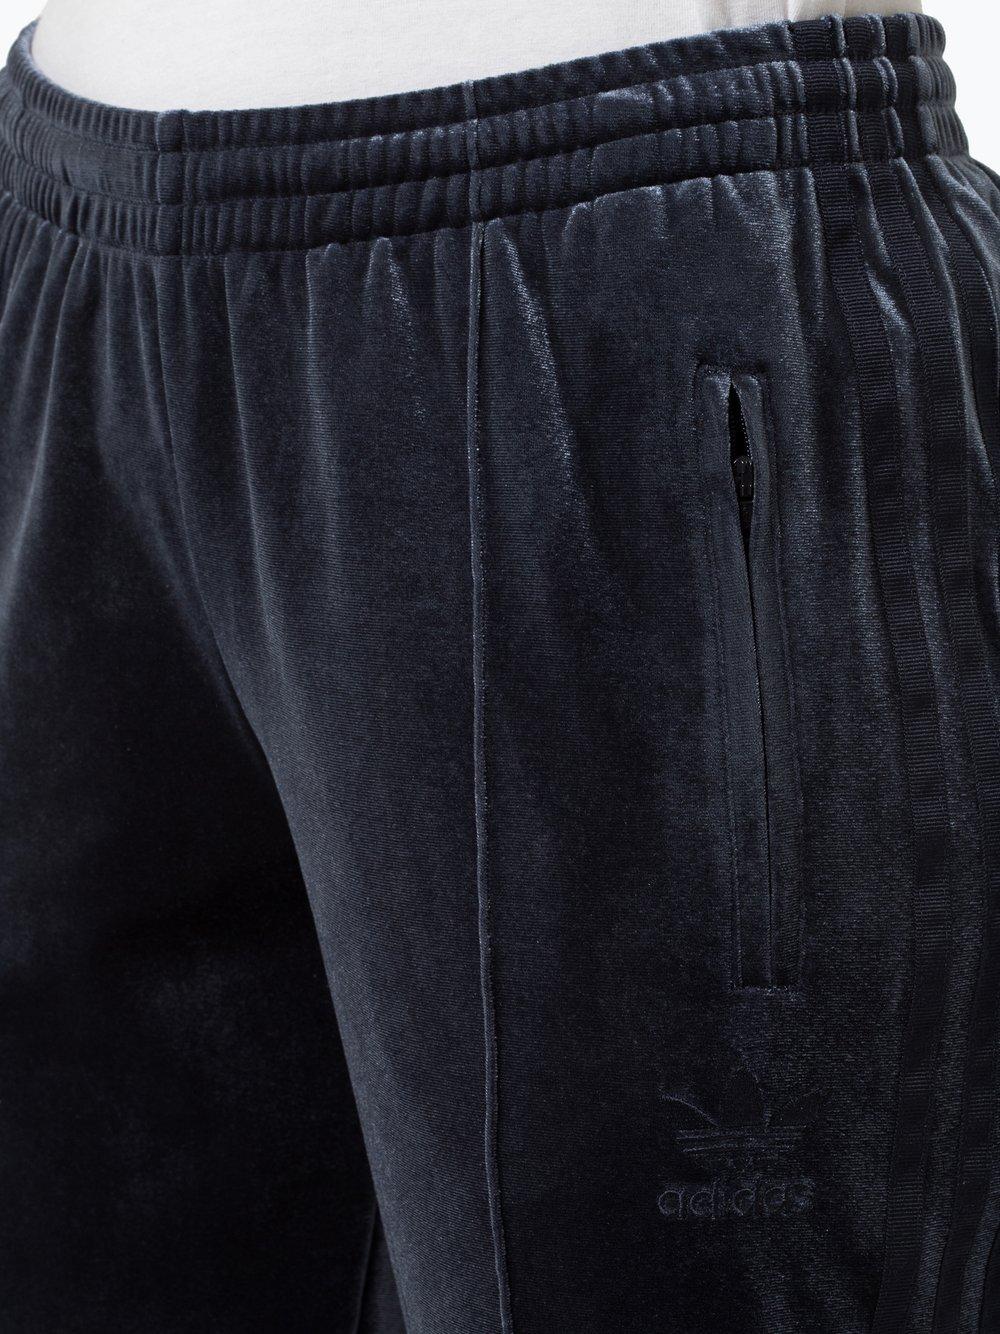 adidas Originals Damen Hose online kaufen | PEEK UND